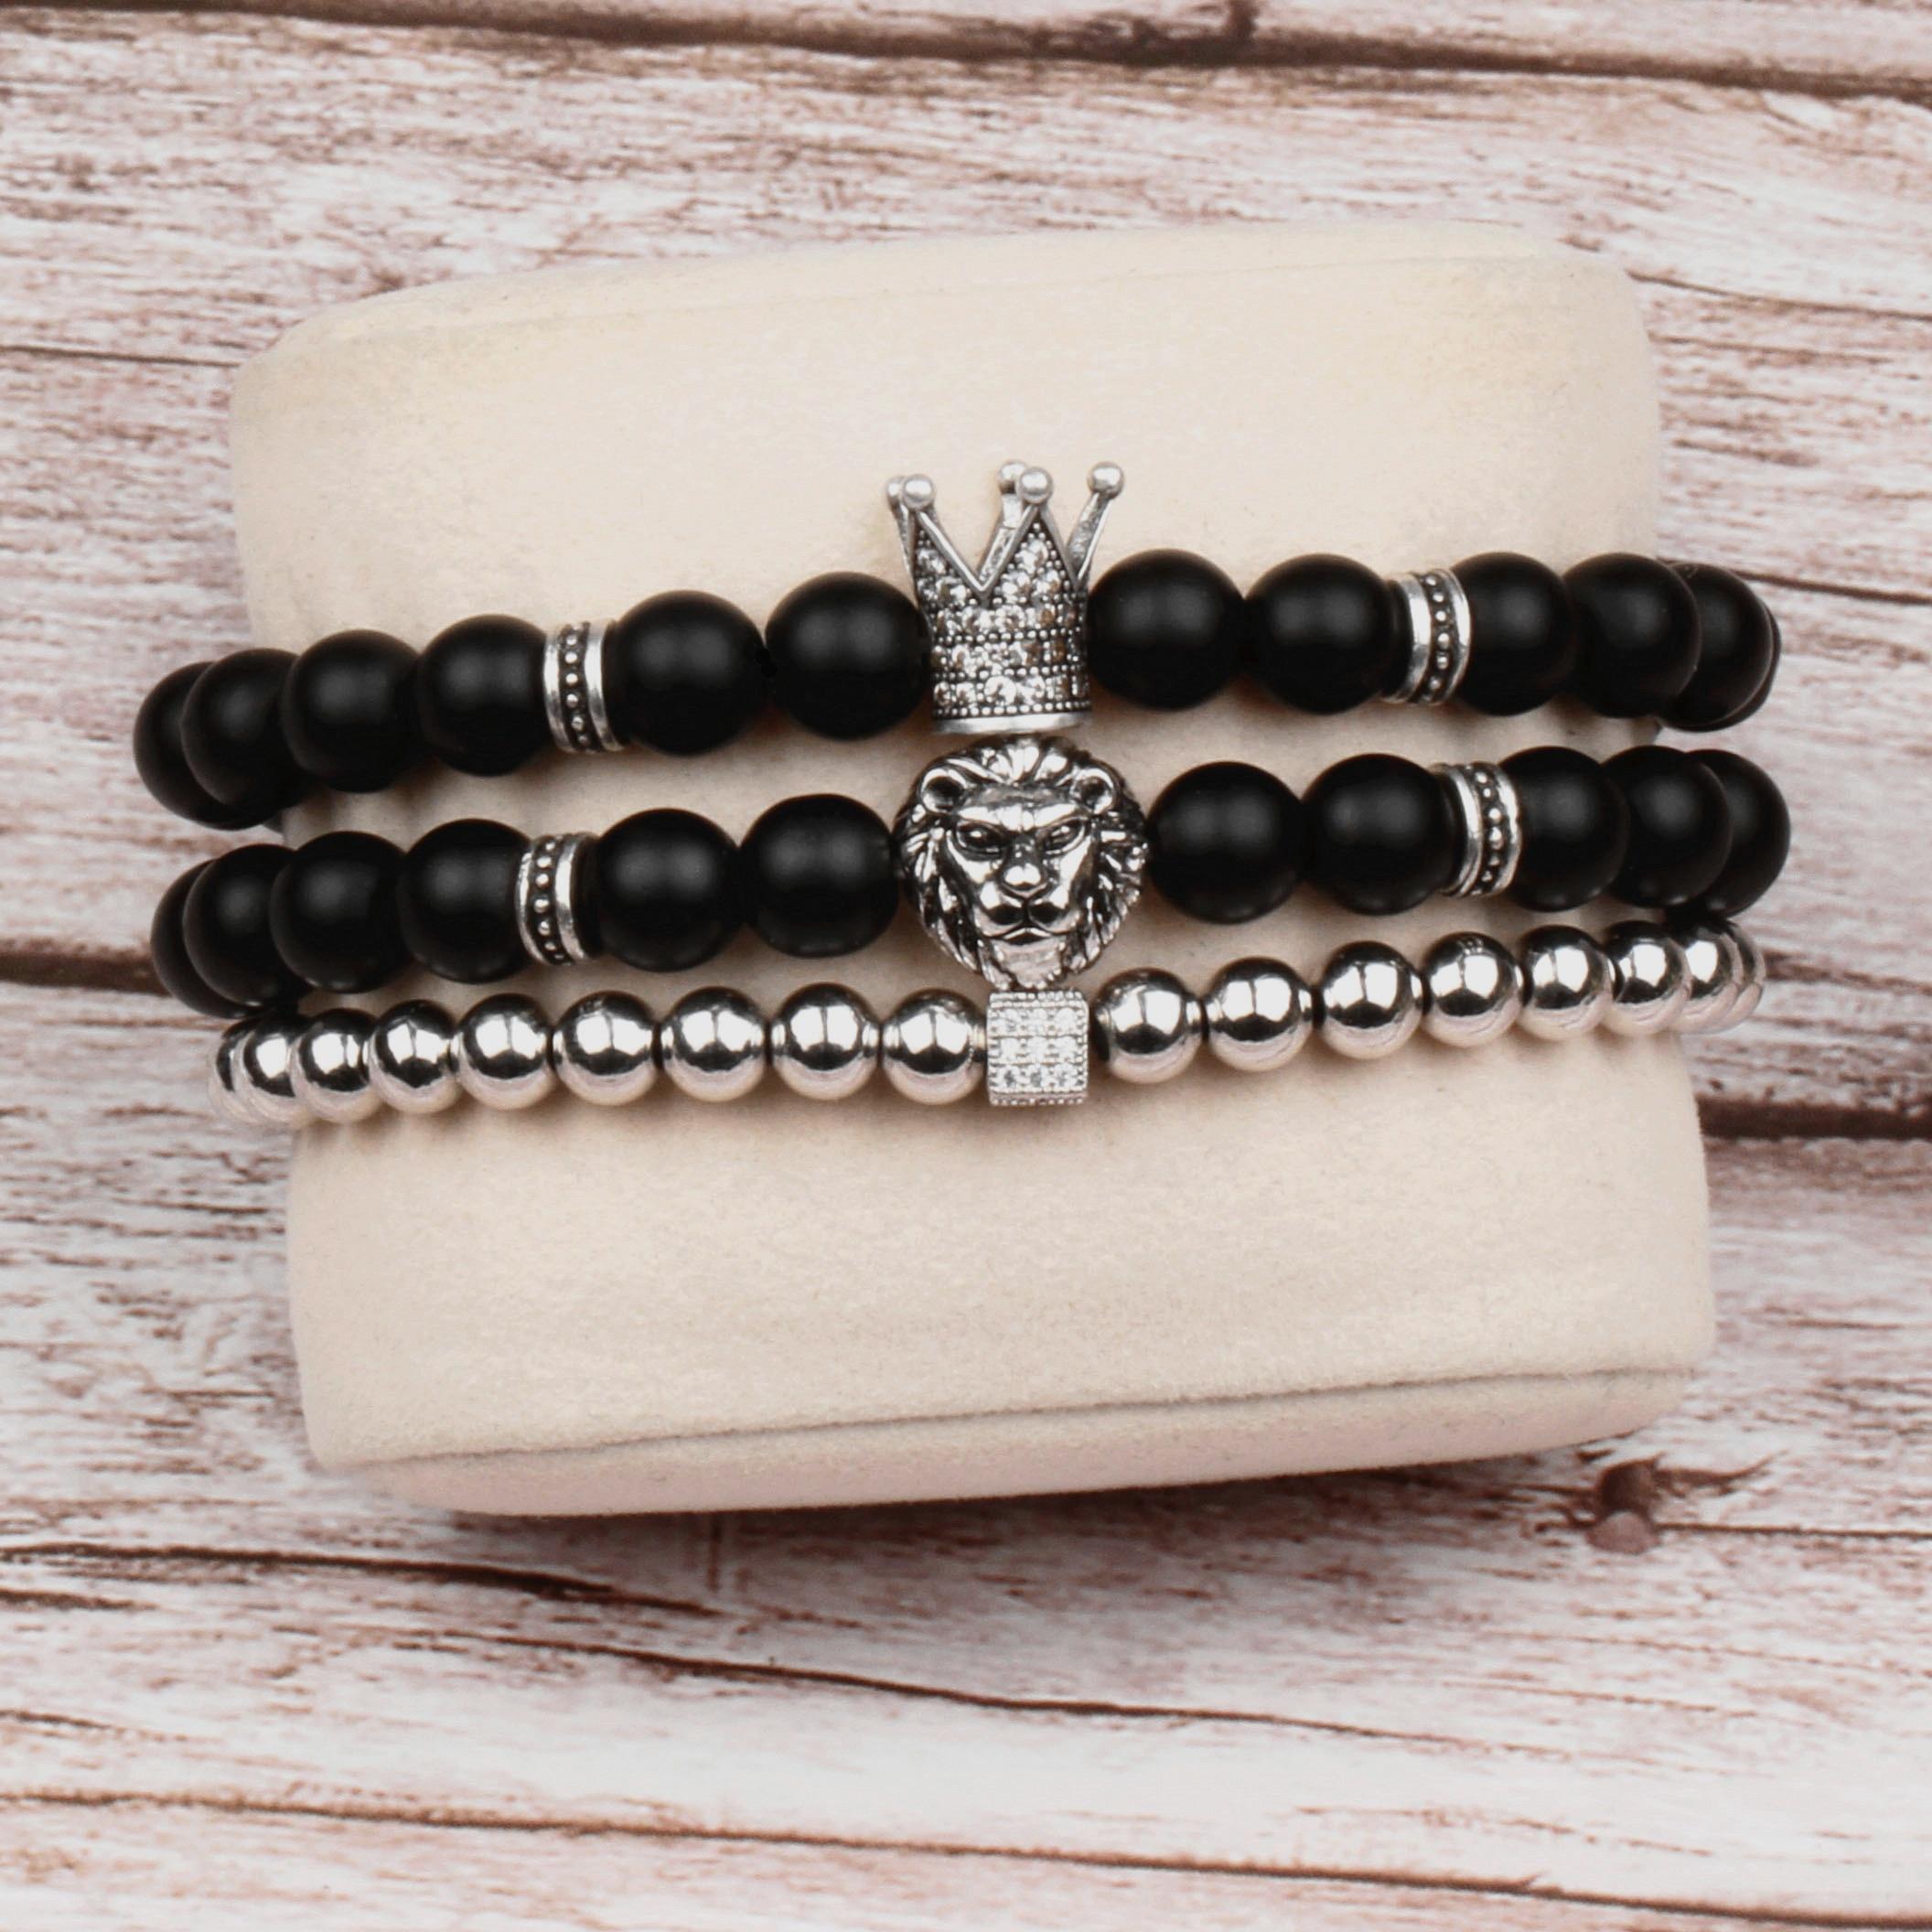 3 unids/set nueva corona y pulsera de cabeza de león hombres mujeres clásico estilo Vintage mate pulseras con dijes de piedra para parejas joyería